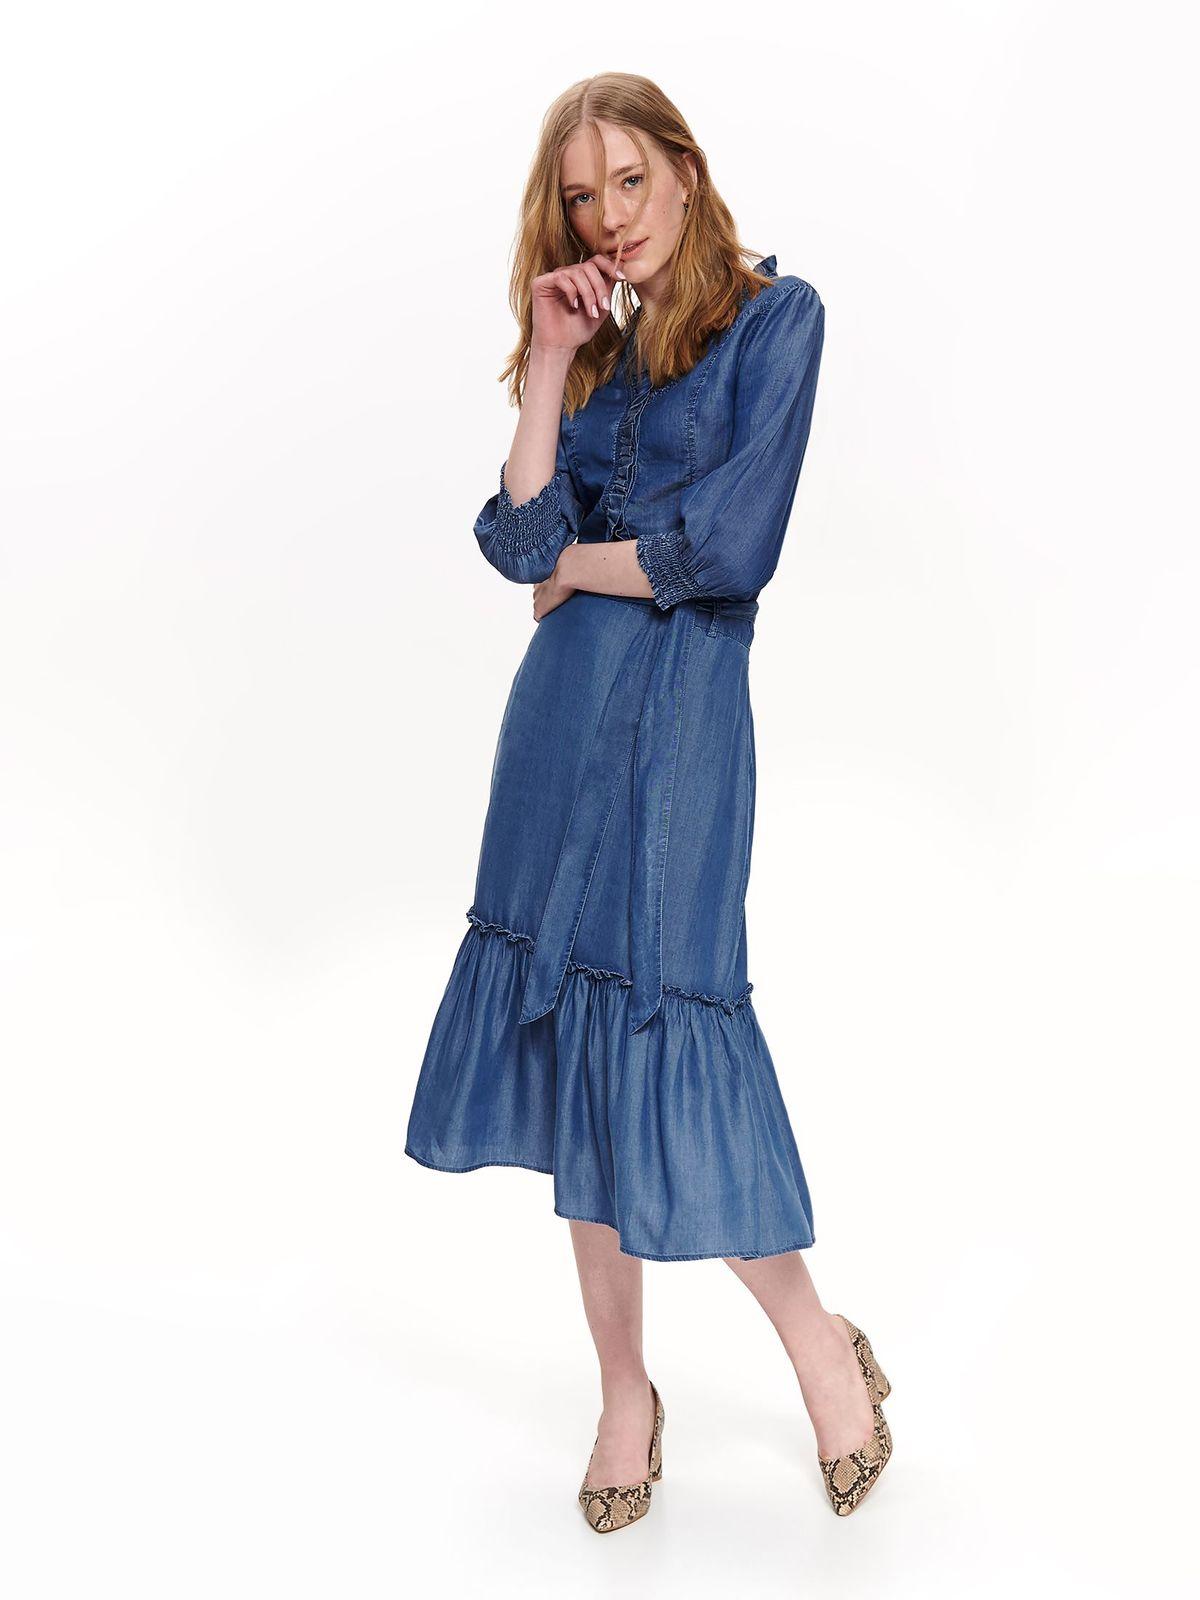 Camasa dama Top Secret albastra casual din denim cu maneci trei-sferturi si volanase pe linia decolteului